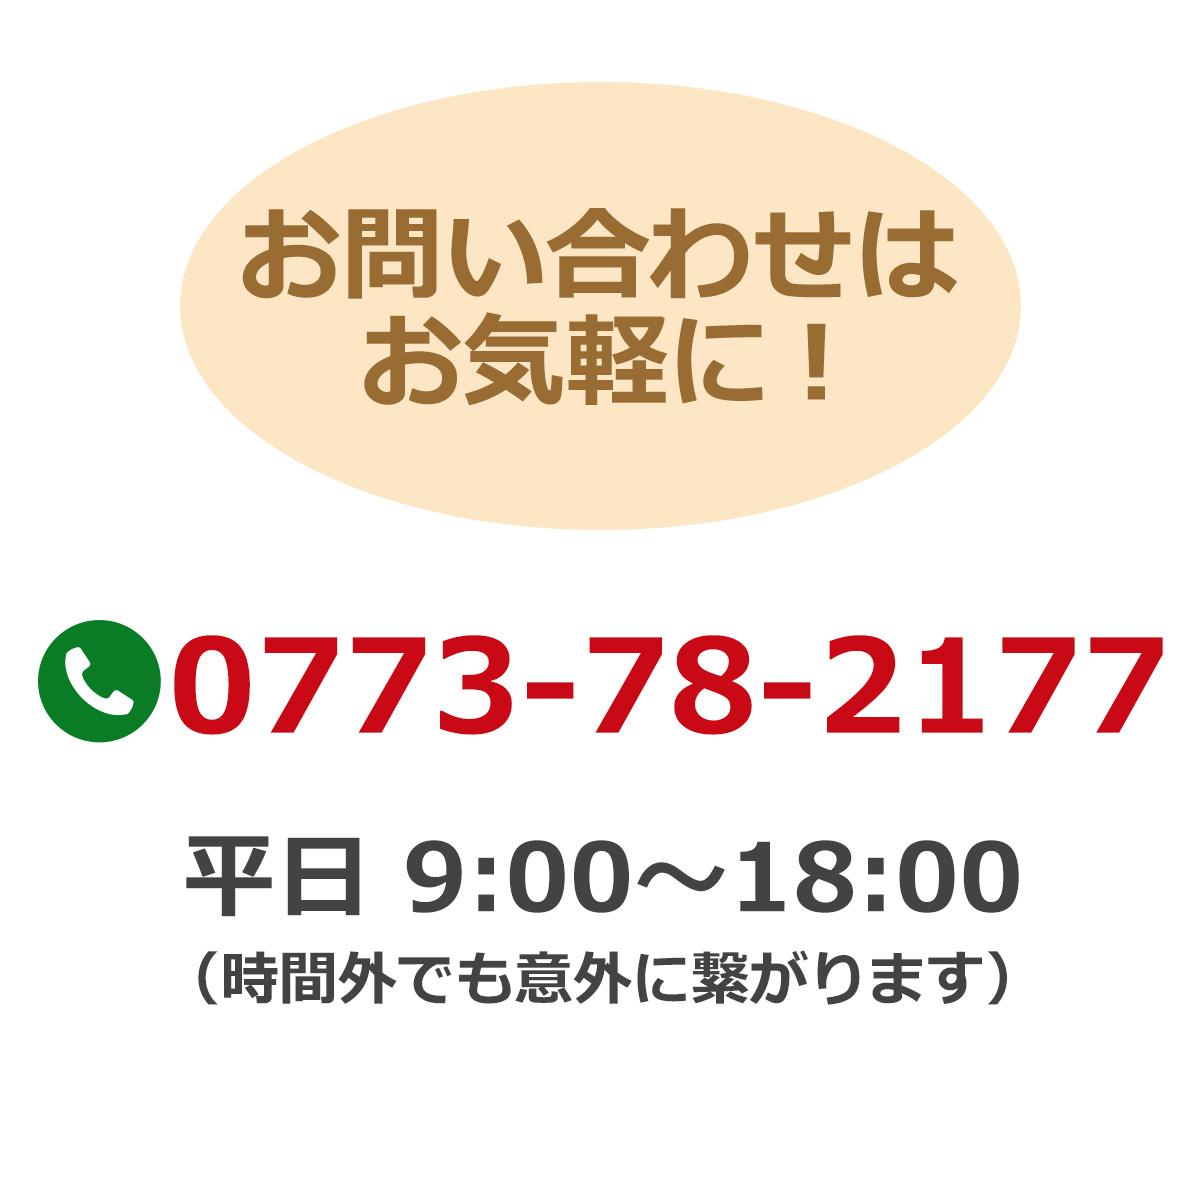 お問い合わせはお気軽に!電話番号:0773-78-2177 平日9時~18時(時間外でも意外に繋がります)